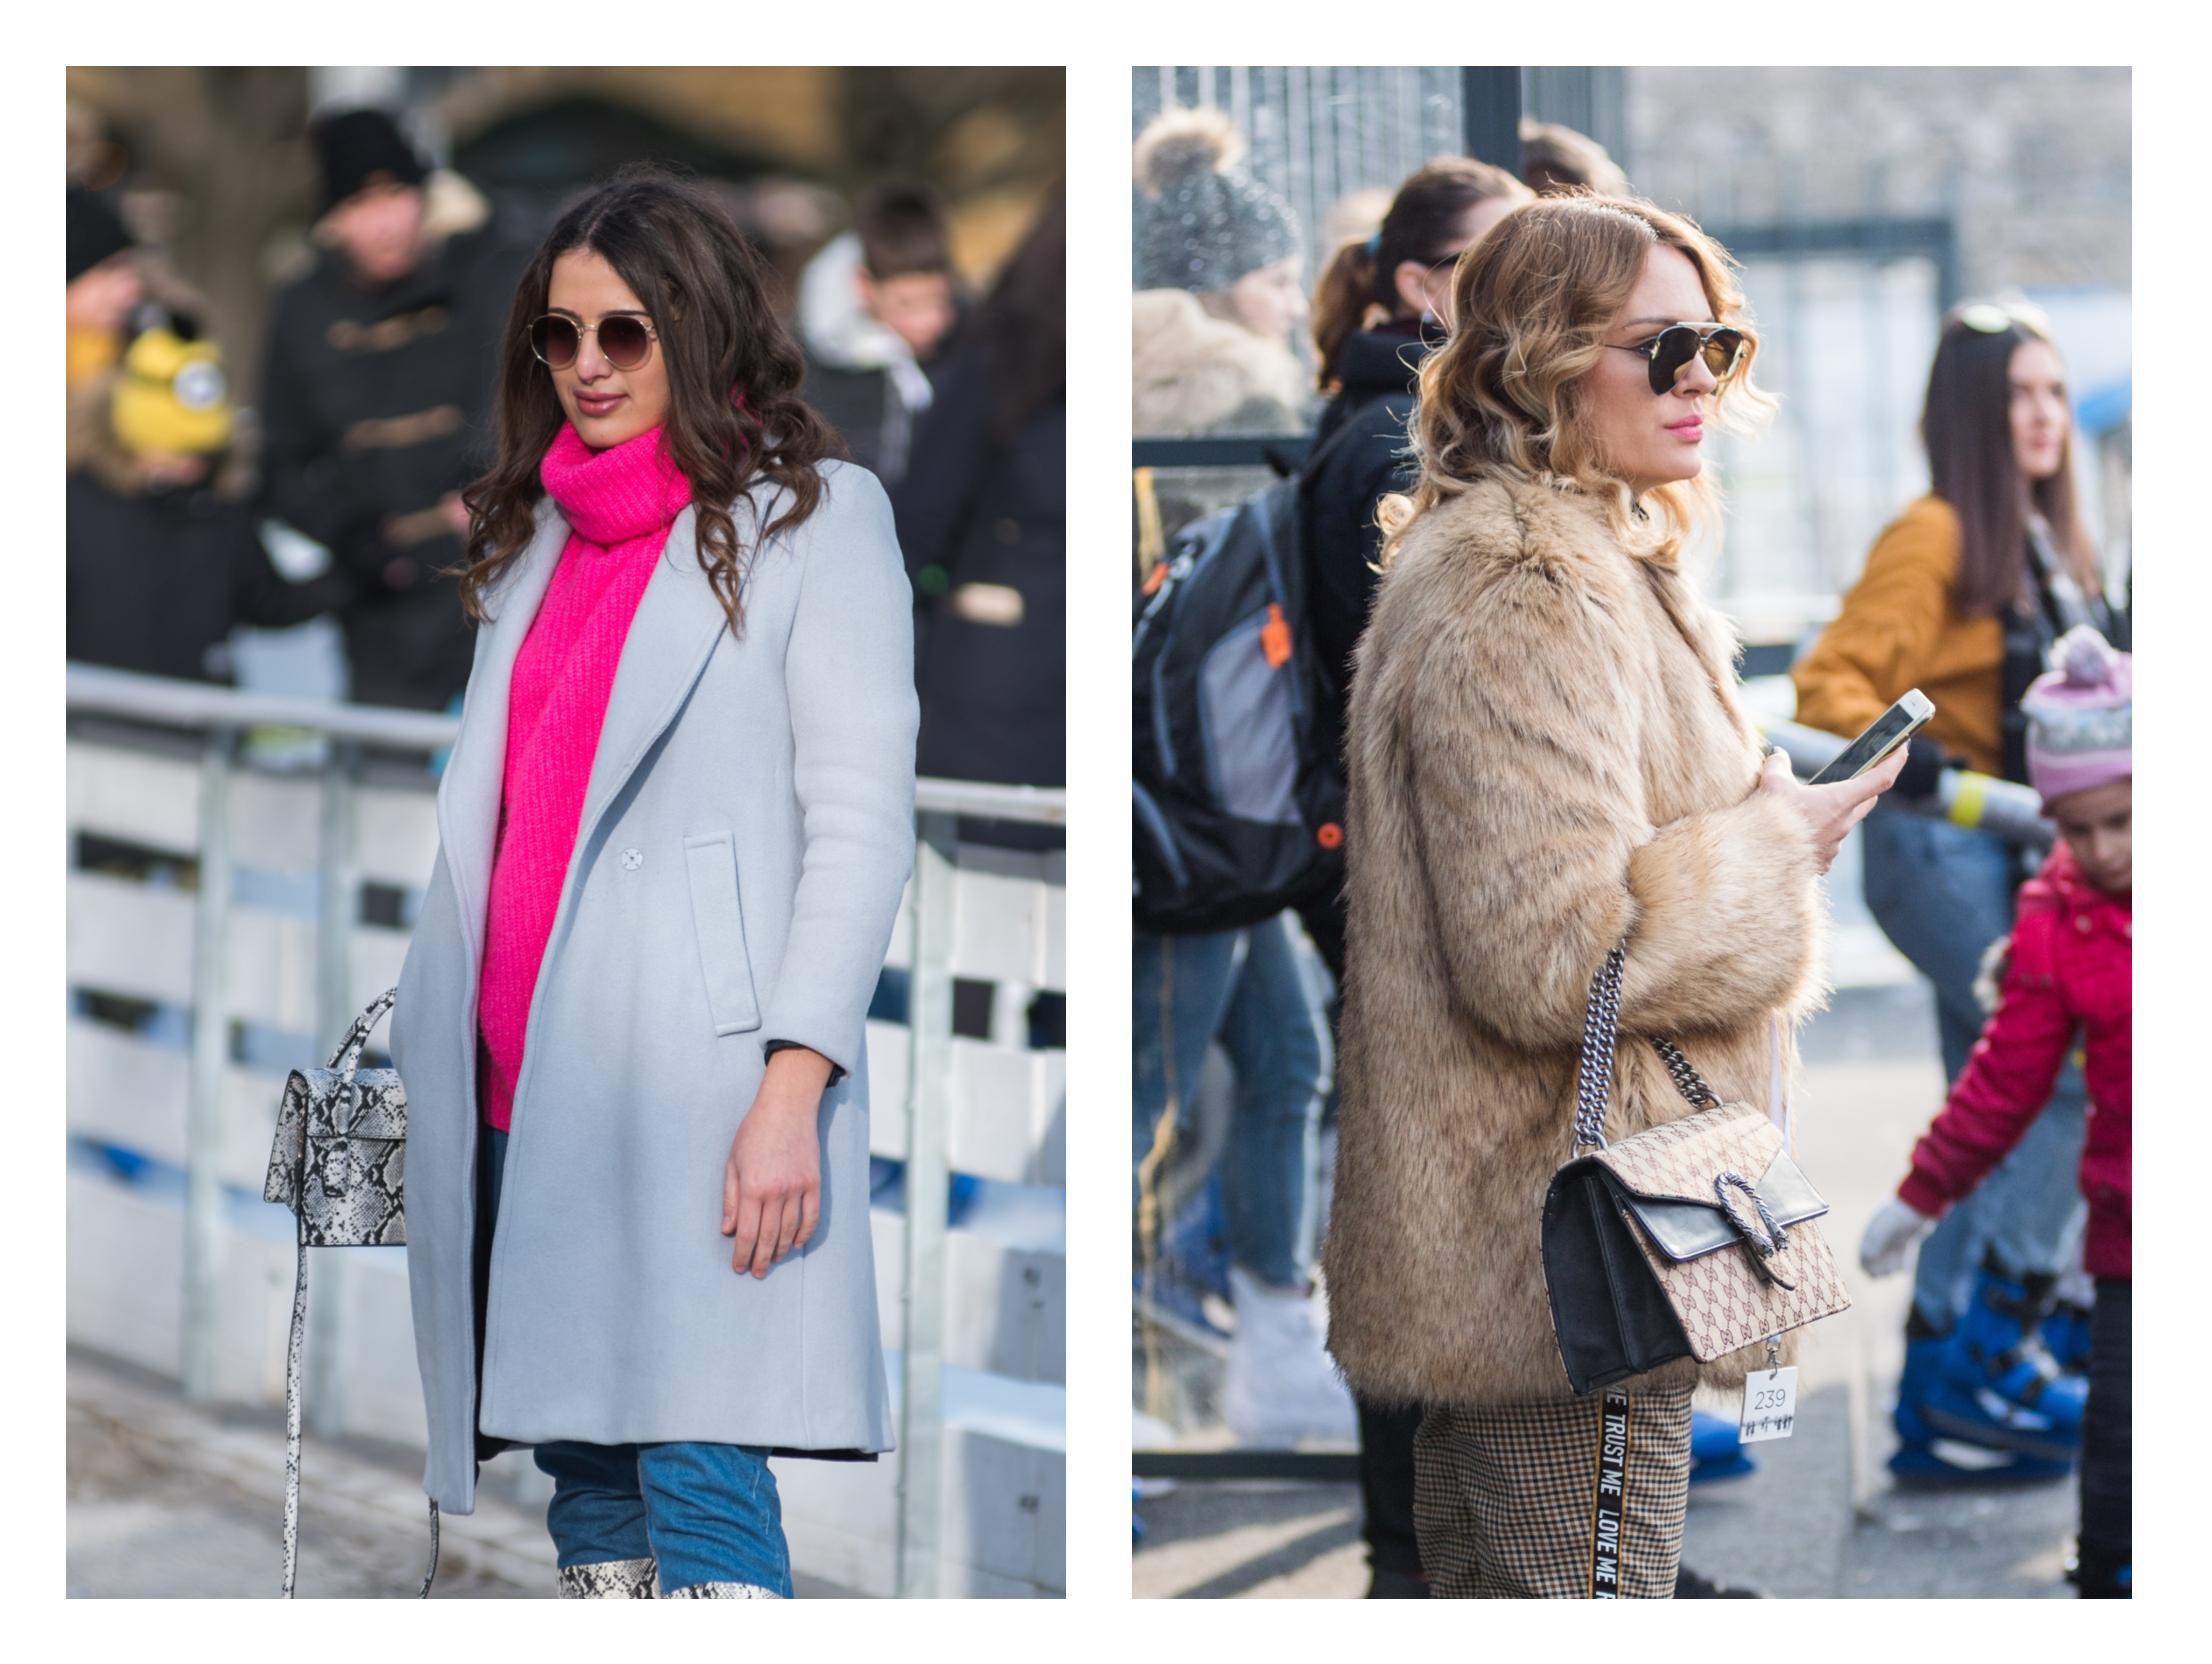 Cure modno briljiraju i na minusu: Pogledajte njihove kombinacije za šetnju Ledenim parkom